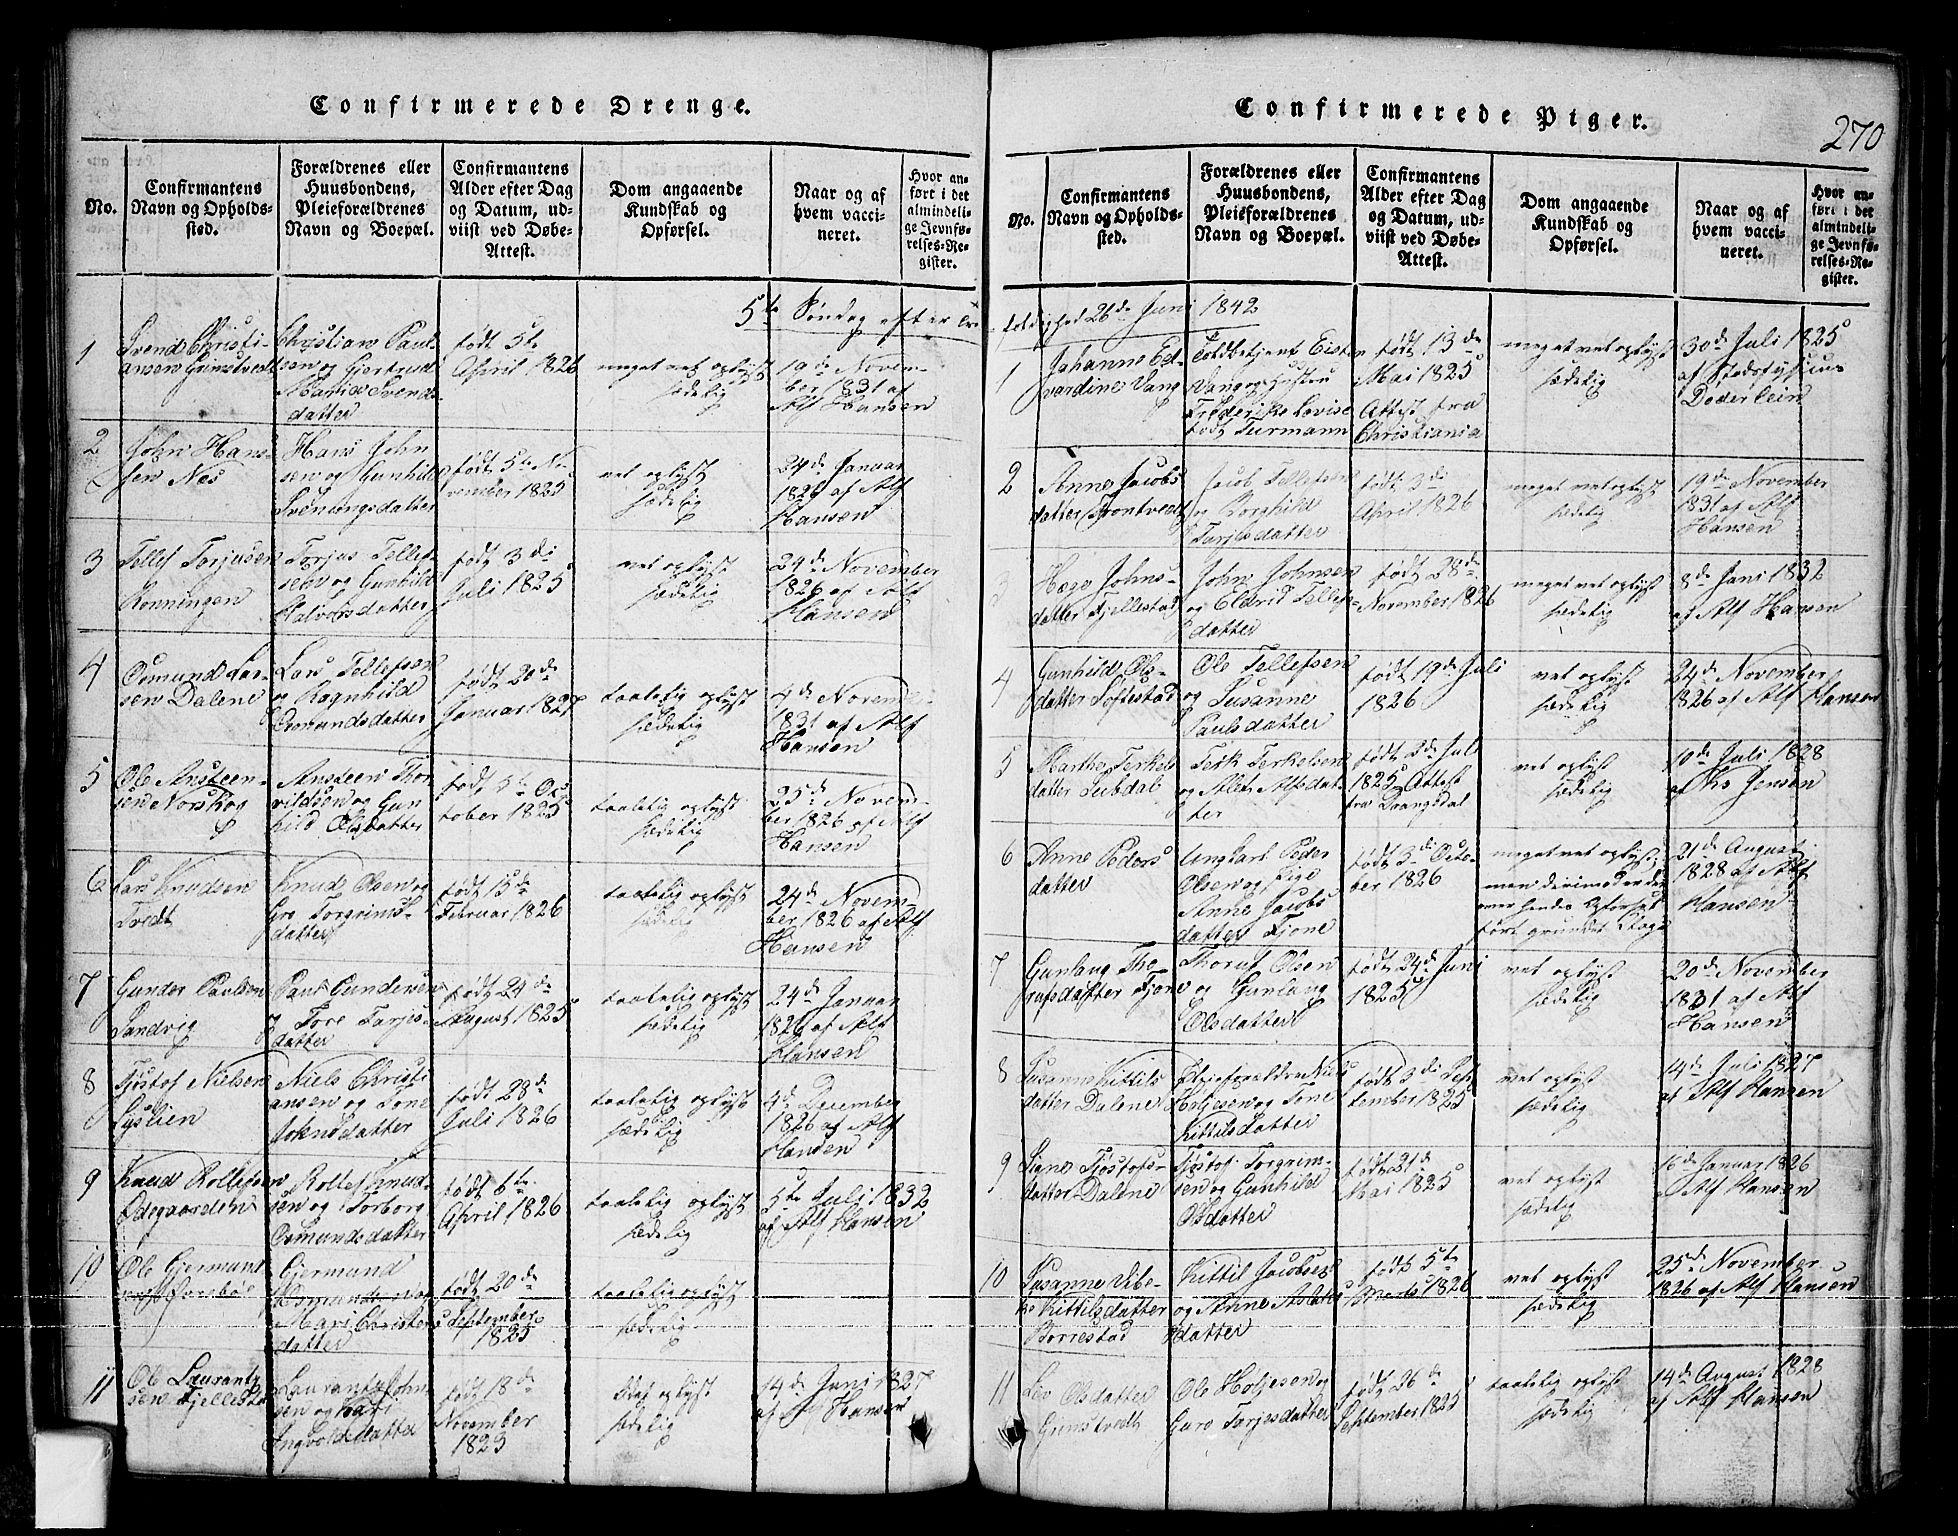 SAKO, Nissedal kirkebøker, G/Ga/L0001: Klokkerbok nr. I 1, 1814-1860, s. 270